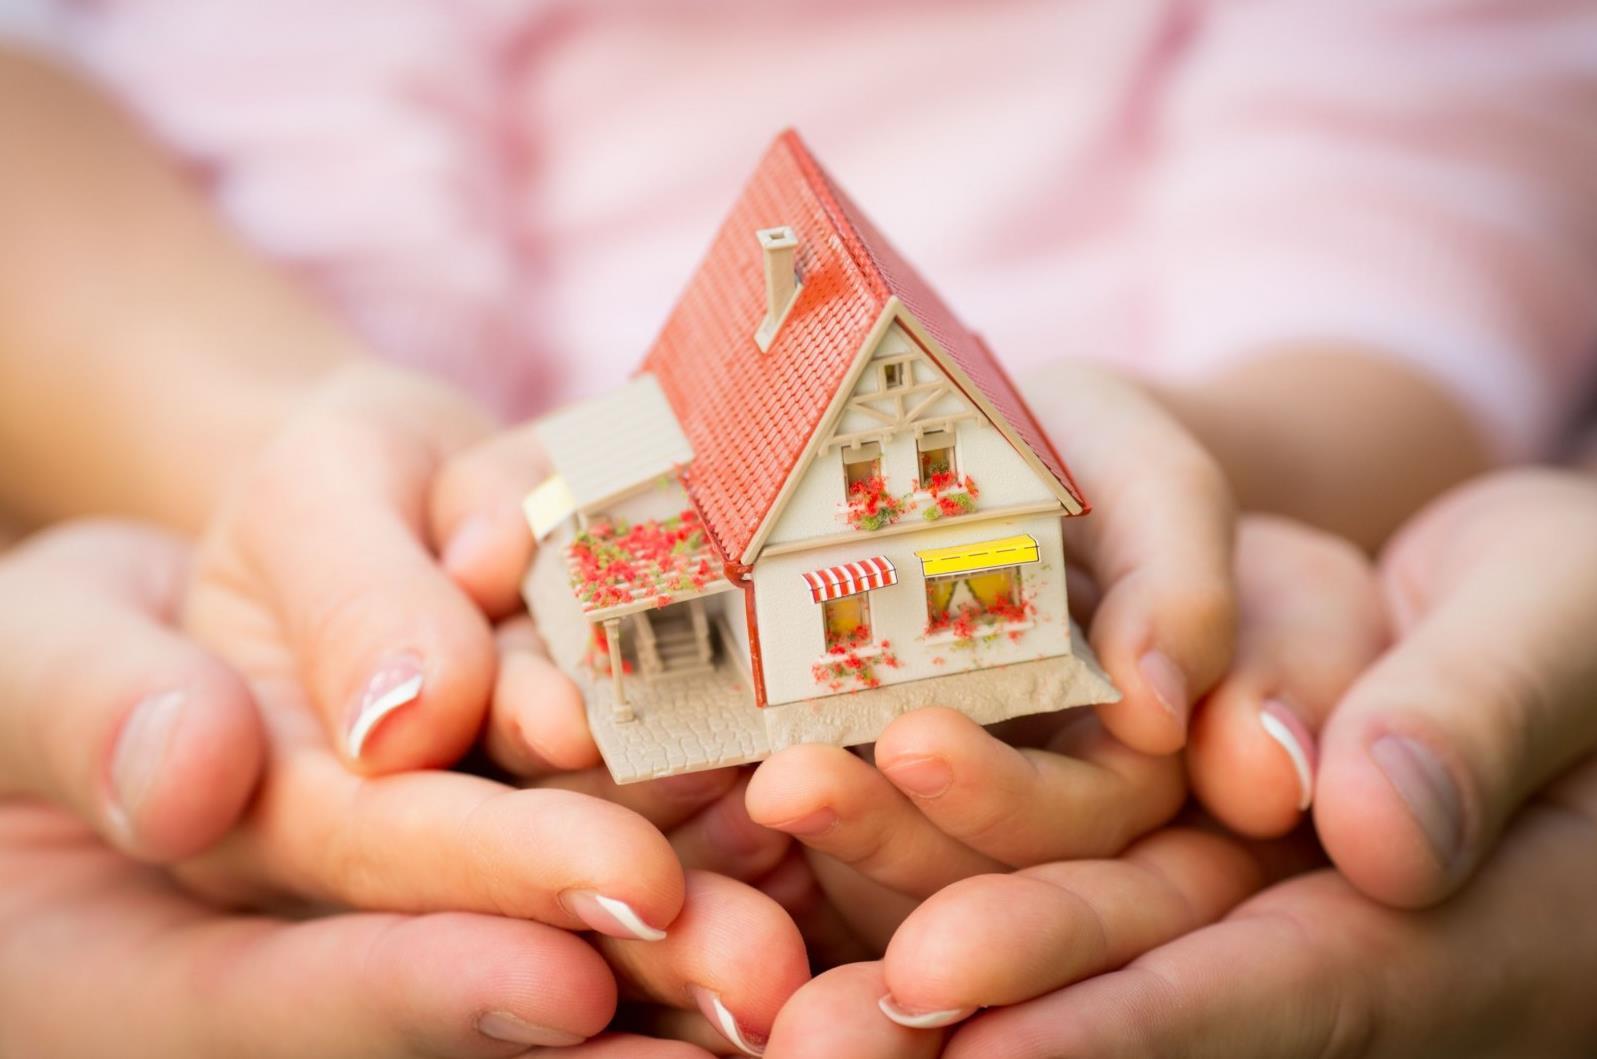 Субсидирование ипотеки в 2019 году: условия программы от государства в 2019 году